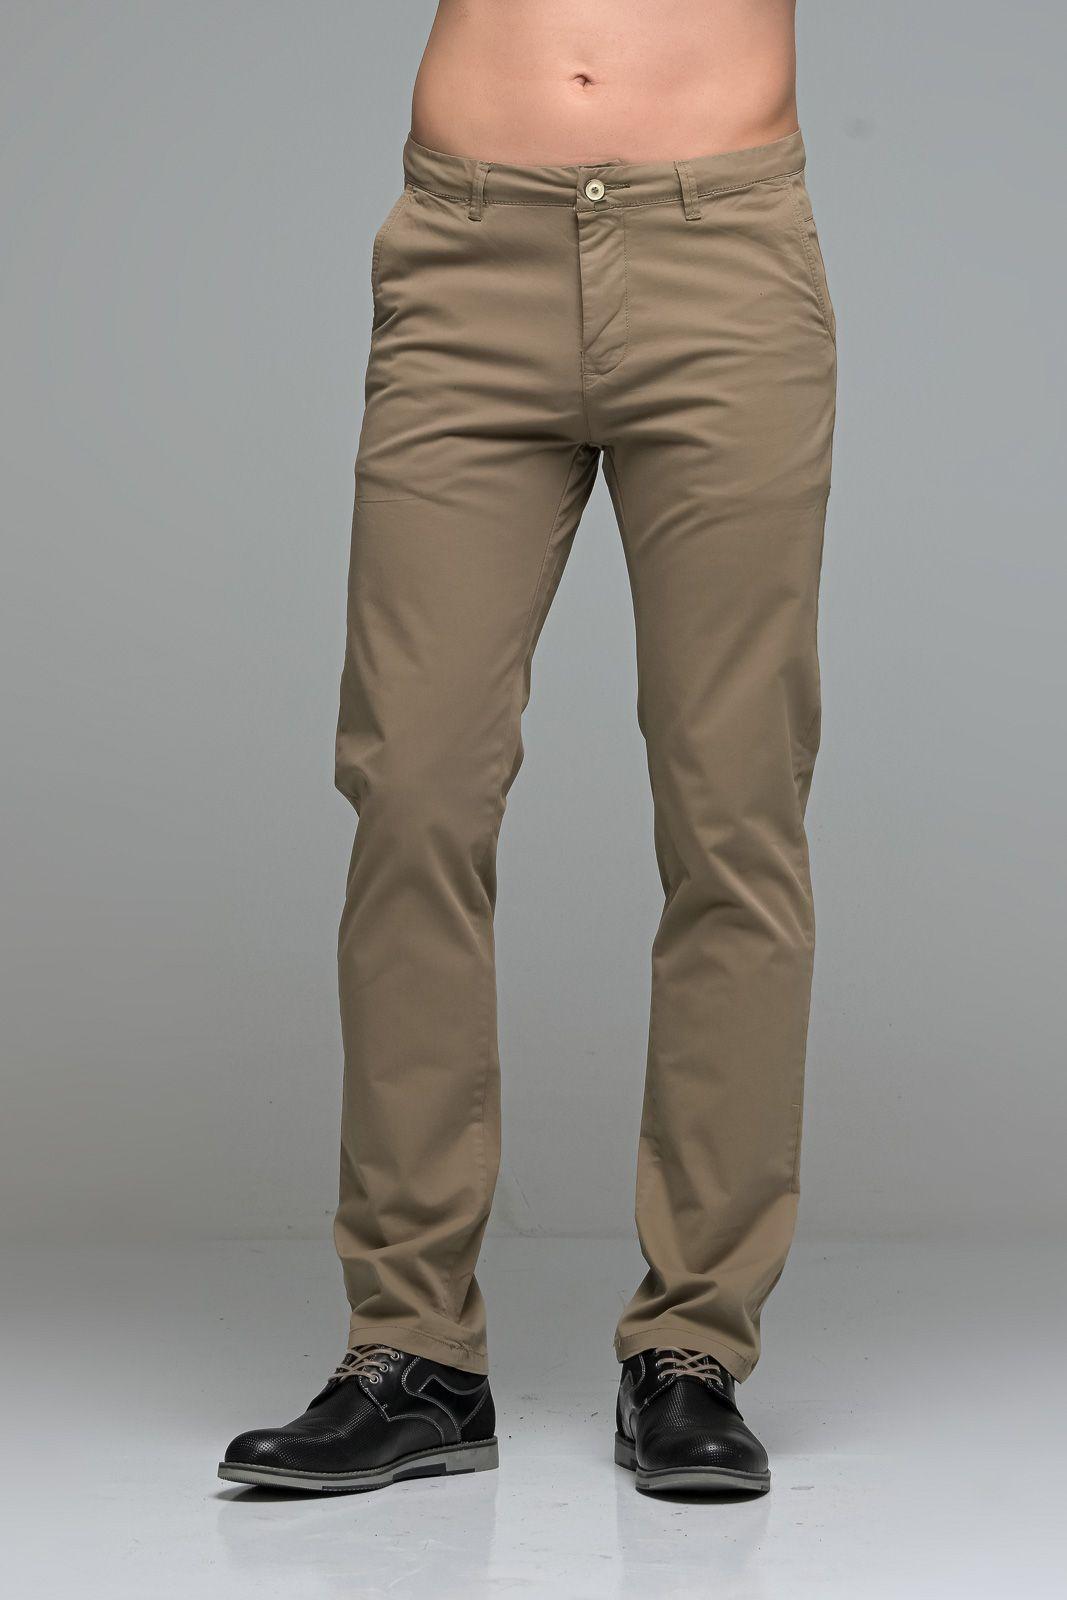 Καλοκαιρινό Ανδρικό Παντελόνι Chino MASSARO Χακί- Straight fit